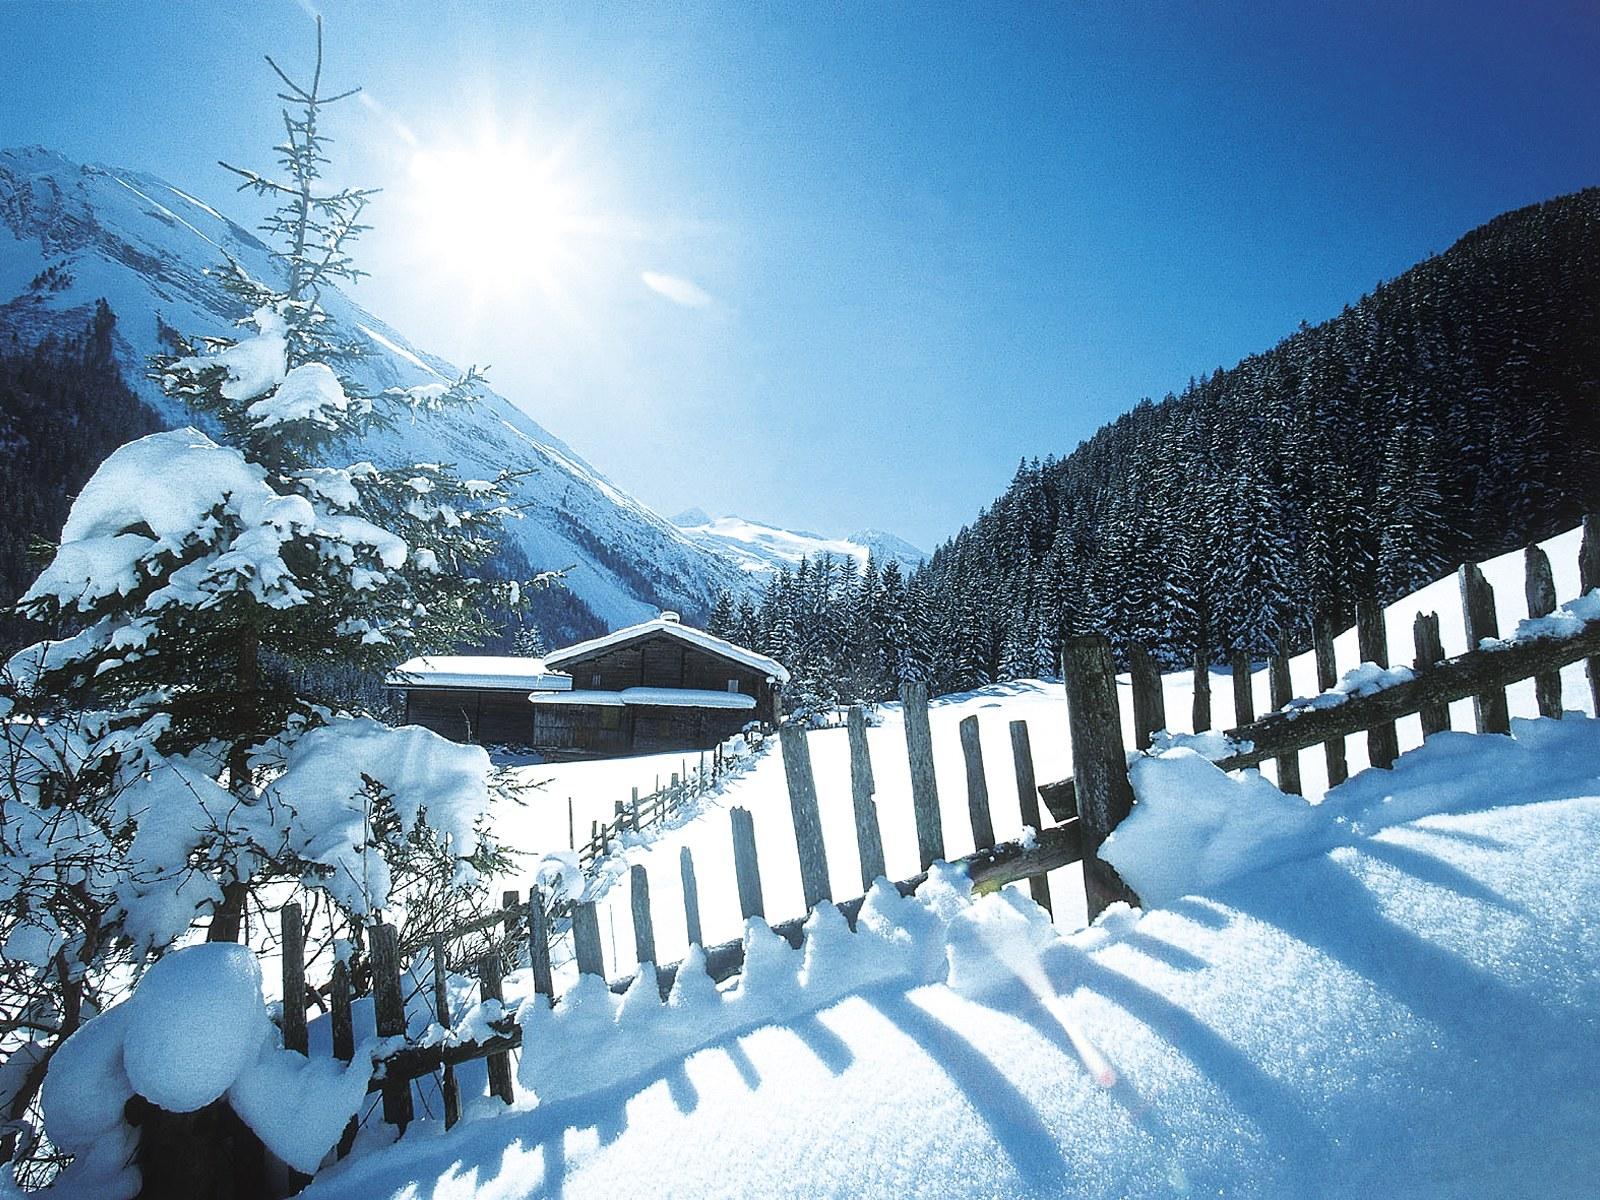 壁纸1600×1200滑雪圣地 阿尔卑斯山度假壁纸 雪山小屋图片壁纸壁纸 滑雪圣地阿尔卑斯山度假壁纸壁纸图片人文壁纸人文图片素材桌面壁纸